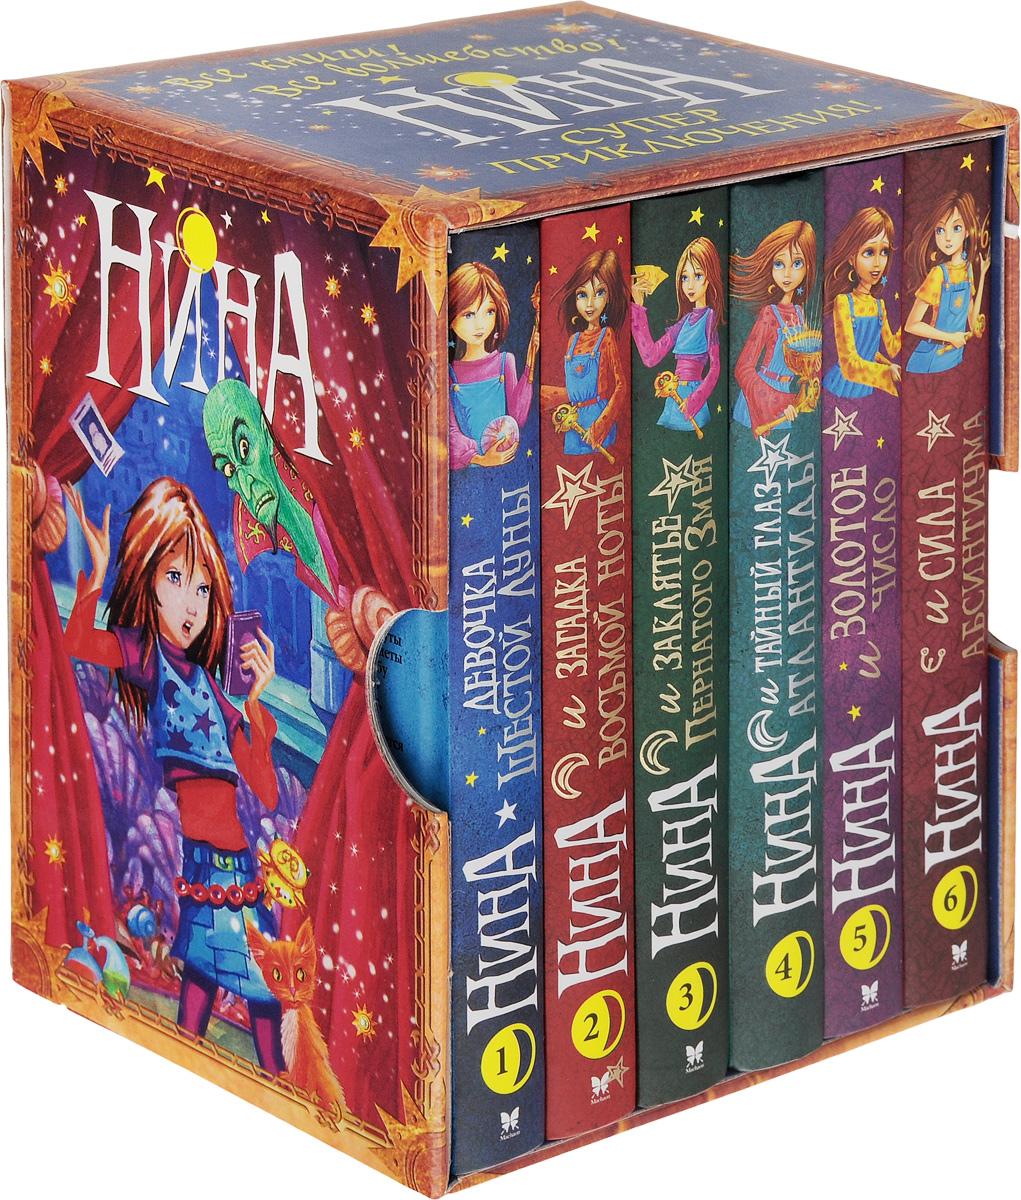 Описание: «детская библиотека» в томах — серия отличных иллюстрированных детских книг с невероятными историями, сказочными повествованиями, баснями и рассказами авторы книг: разные год.